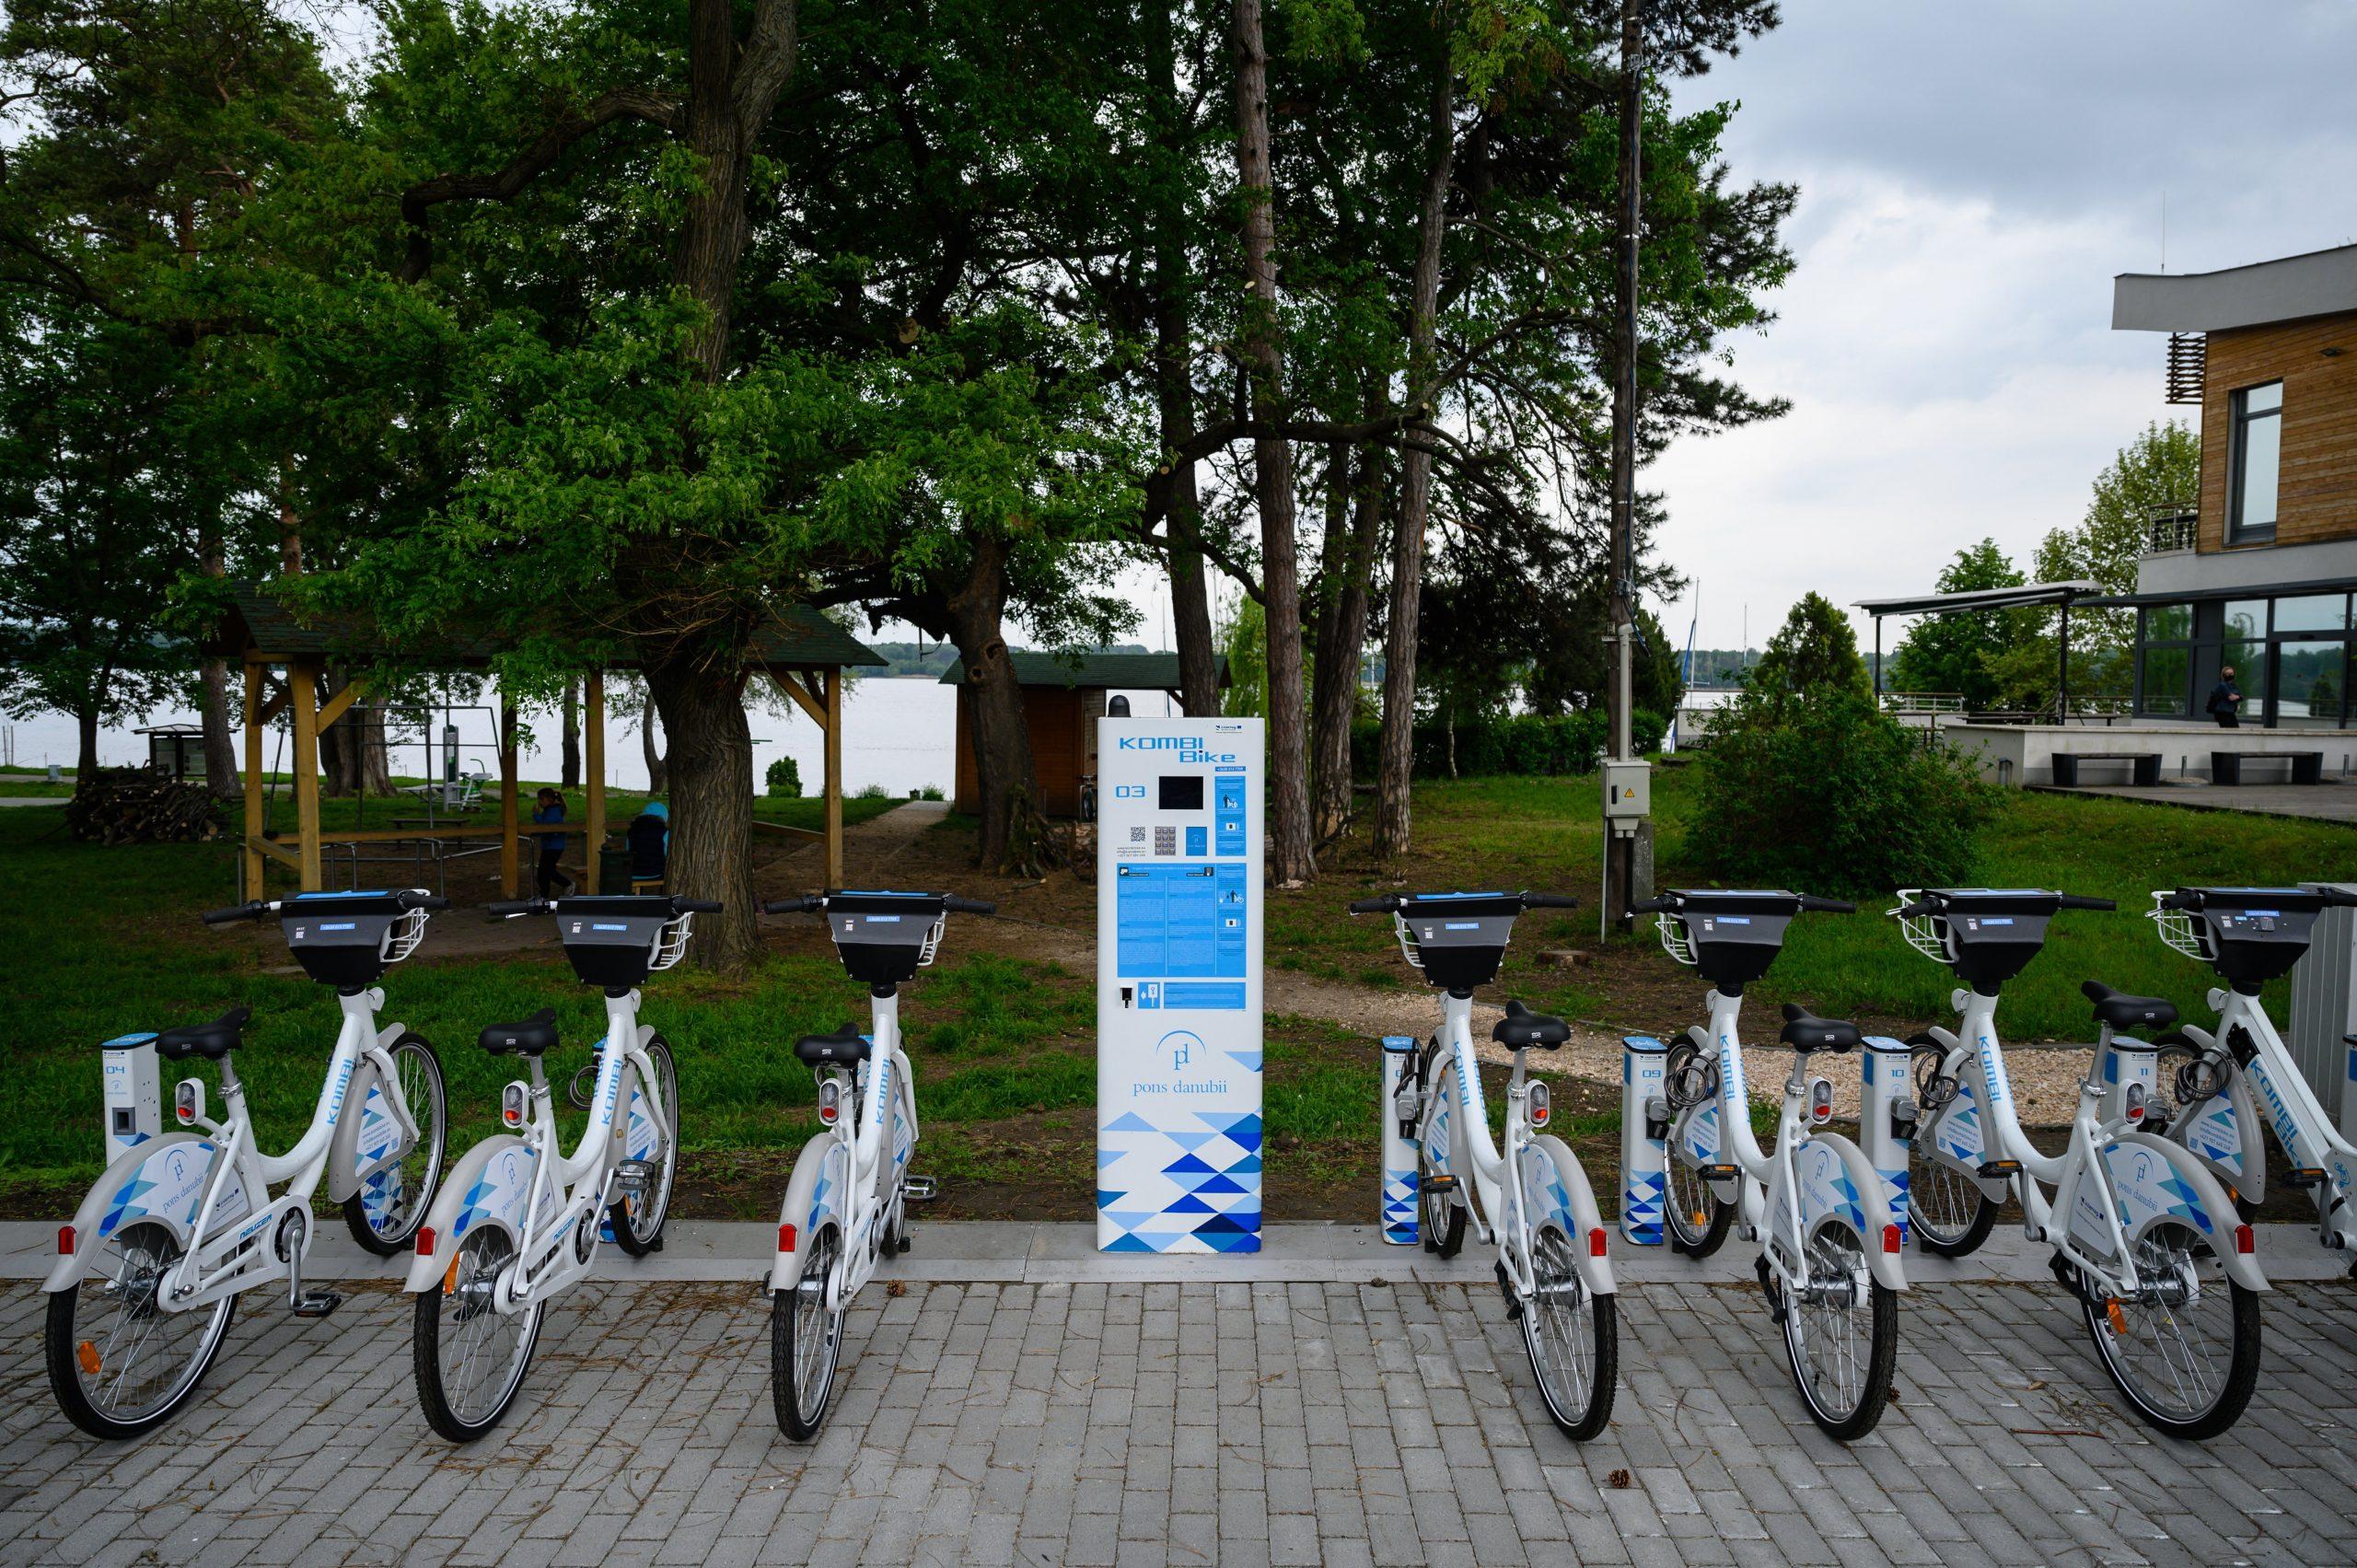 Grenzüberschreitendes Bike-Sharing-System zwischen Ungarn und der Slowakei eingeführt